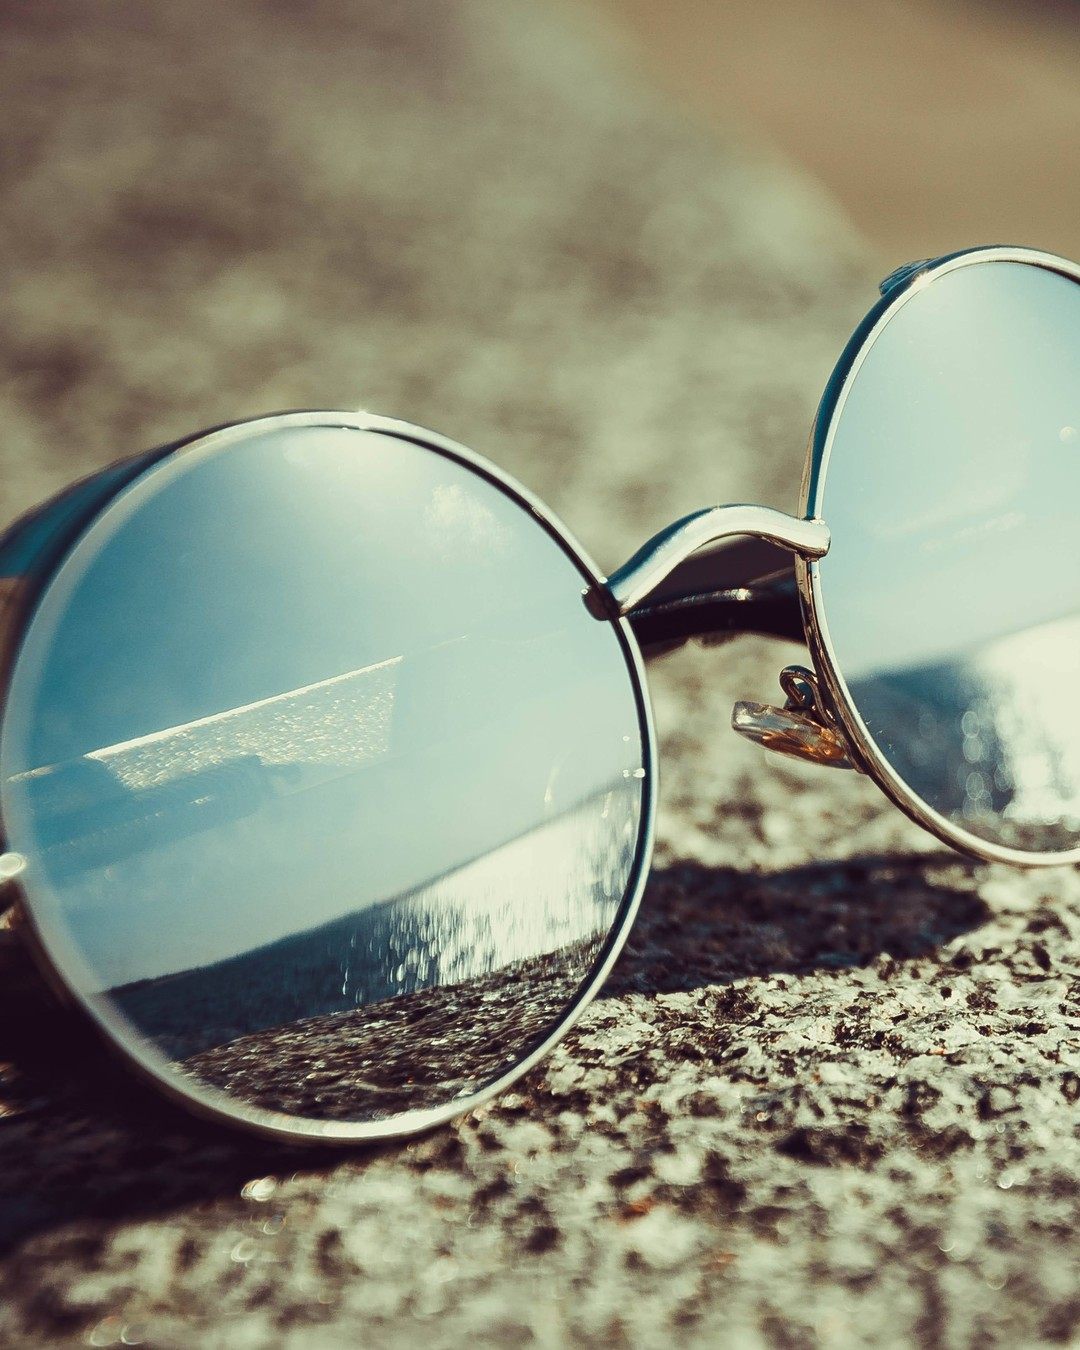 Wreszcie jest, słoneczko kochane 🖤 Ładujemy akumulatory po stanowszo za długiej zimie. #sunnyday #sunglasses #polishgirl #poland #sun #summer #nature #photooftheday #happy #smile #weekend #trip #girl #instagood #photography #beautiful #holiday #goodday #sunny #wiosna #hellowiosna #słońce #słonecznydzień #pięknapogoda #słonecznie